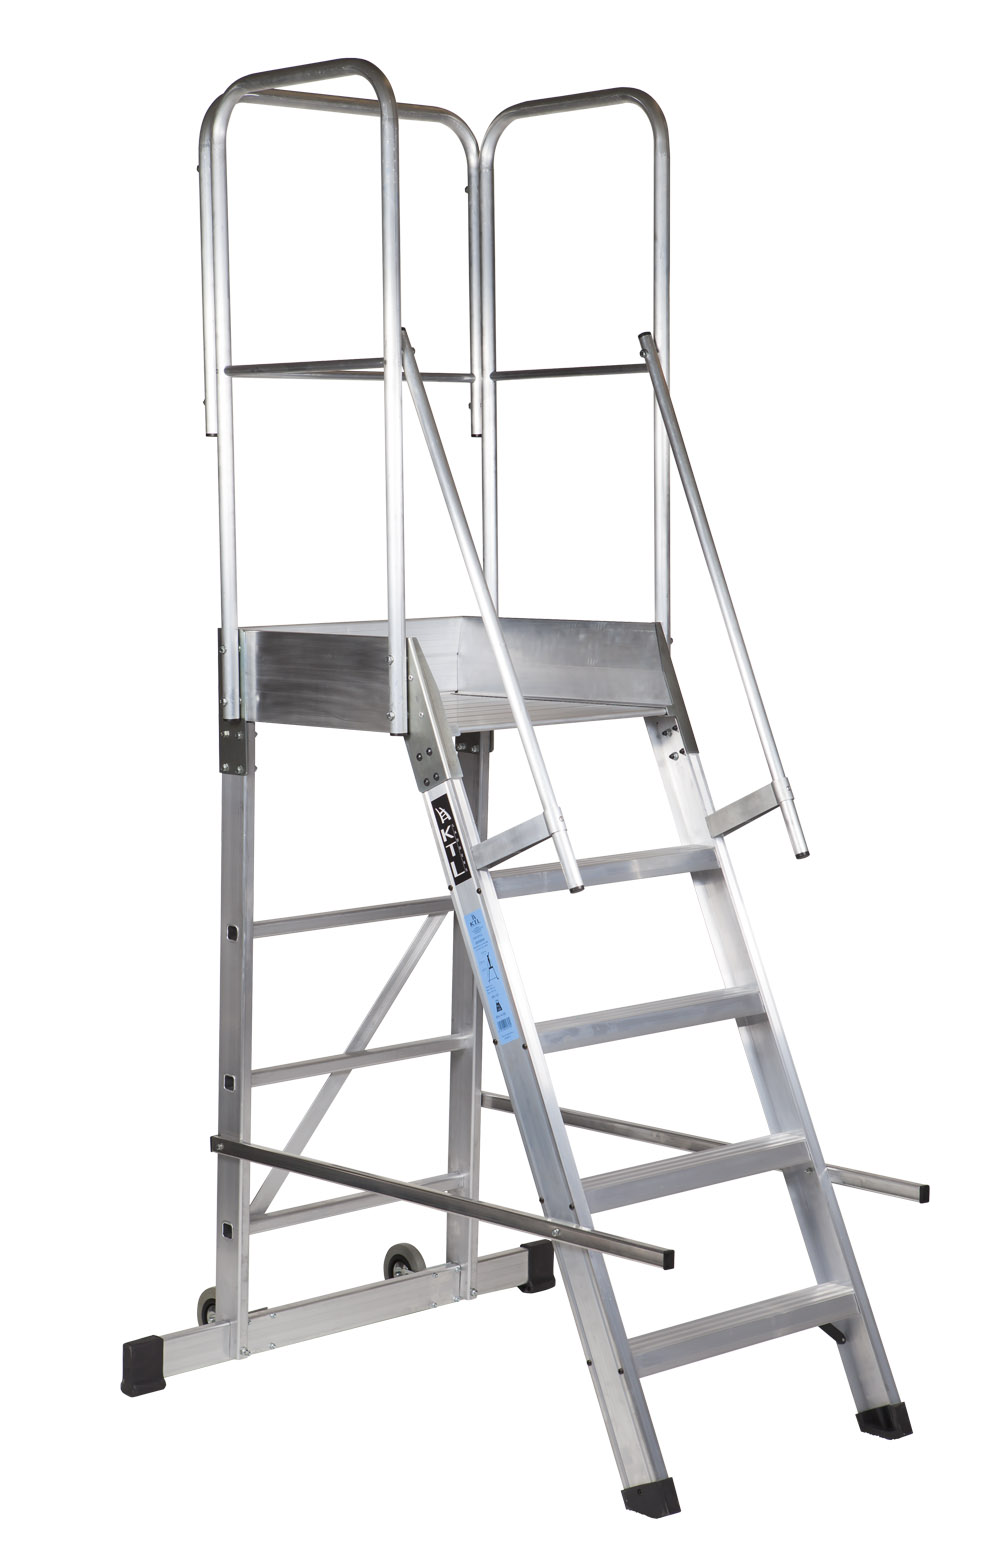 escalera de plataforma escalera de plataforma móvil, ep-1 acceso Escalera de plataforma móvil, EP-1 acceso EP1 5peld